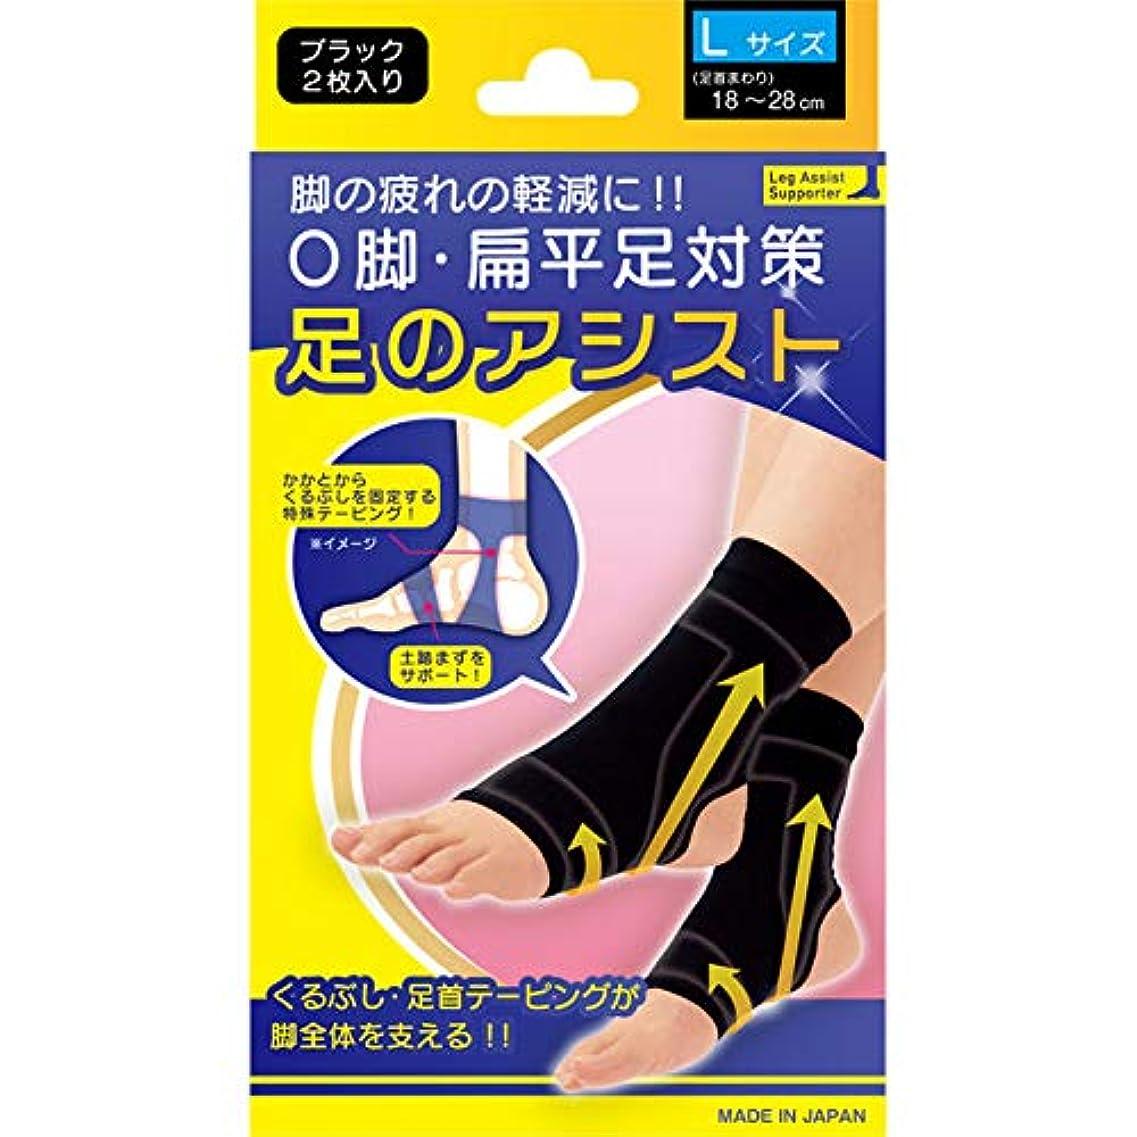 評論家抗議また美脚足のアシスト ブラック 2枚入り Lサイズ(足首まわり18~28cm)